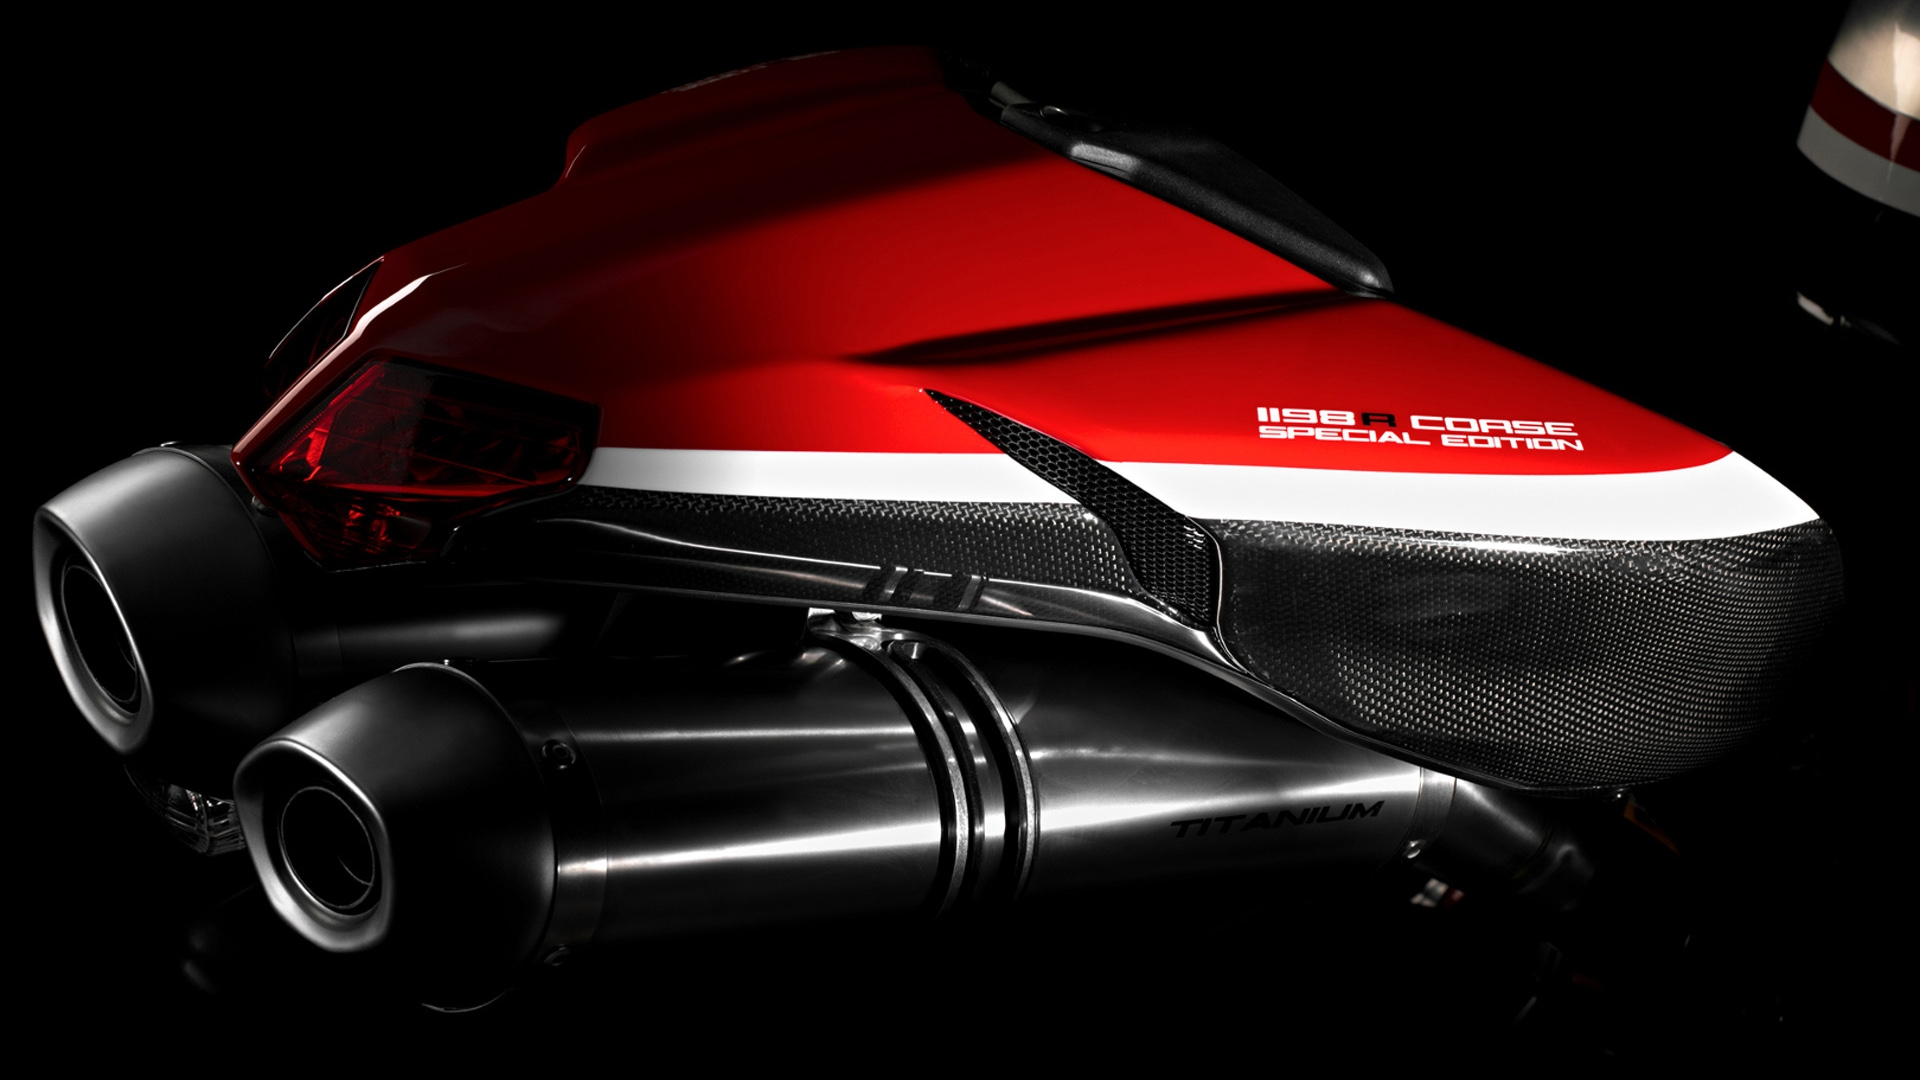 http://3.bp.blogspot.com/-ZJxrLzqMtJA/UESn8e9c--I/AAAAAAAAIc8/RWnnUE4IoBQ/s0/ducati-superbike-1198-r-corse-rear-1920x1080-wallpaper.jpg